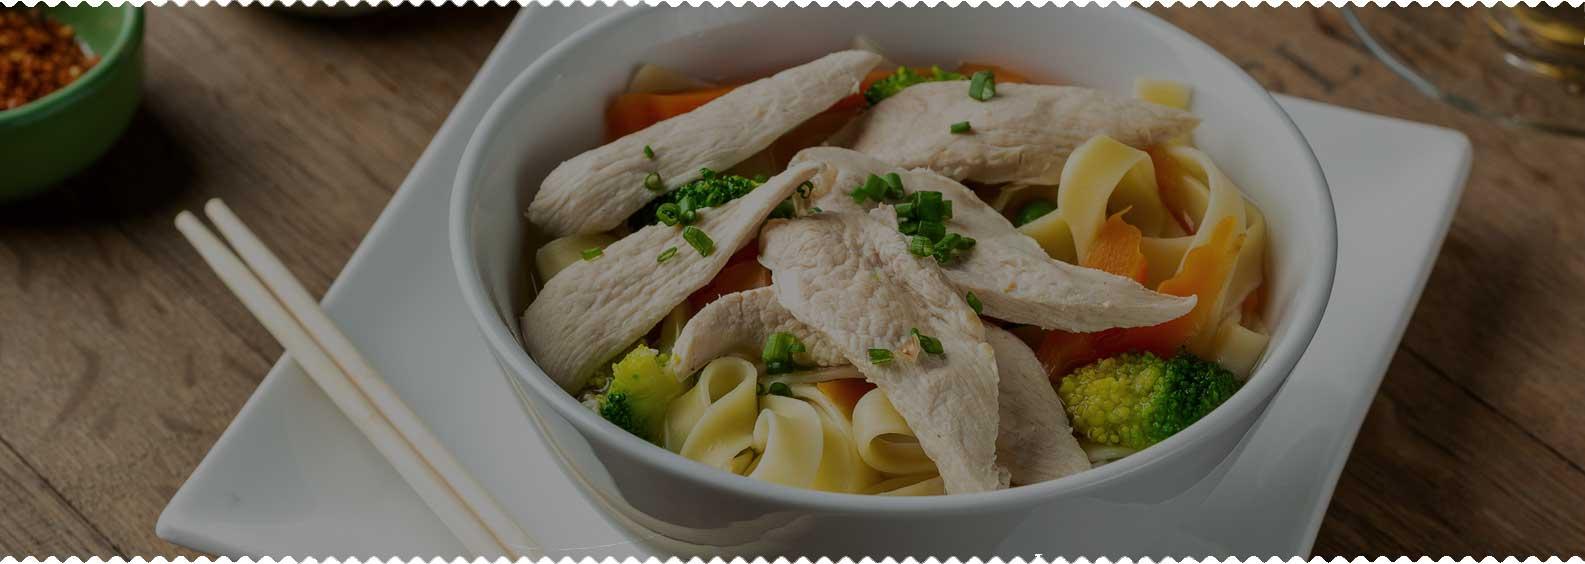 Thai Lunch Menu